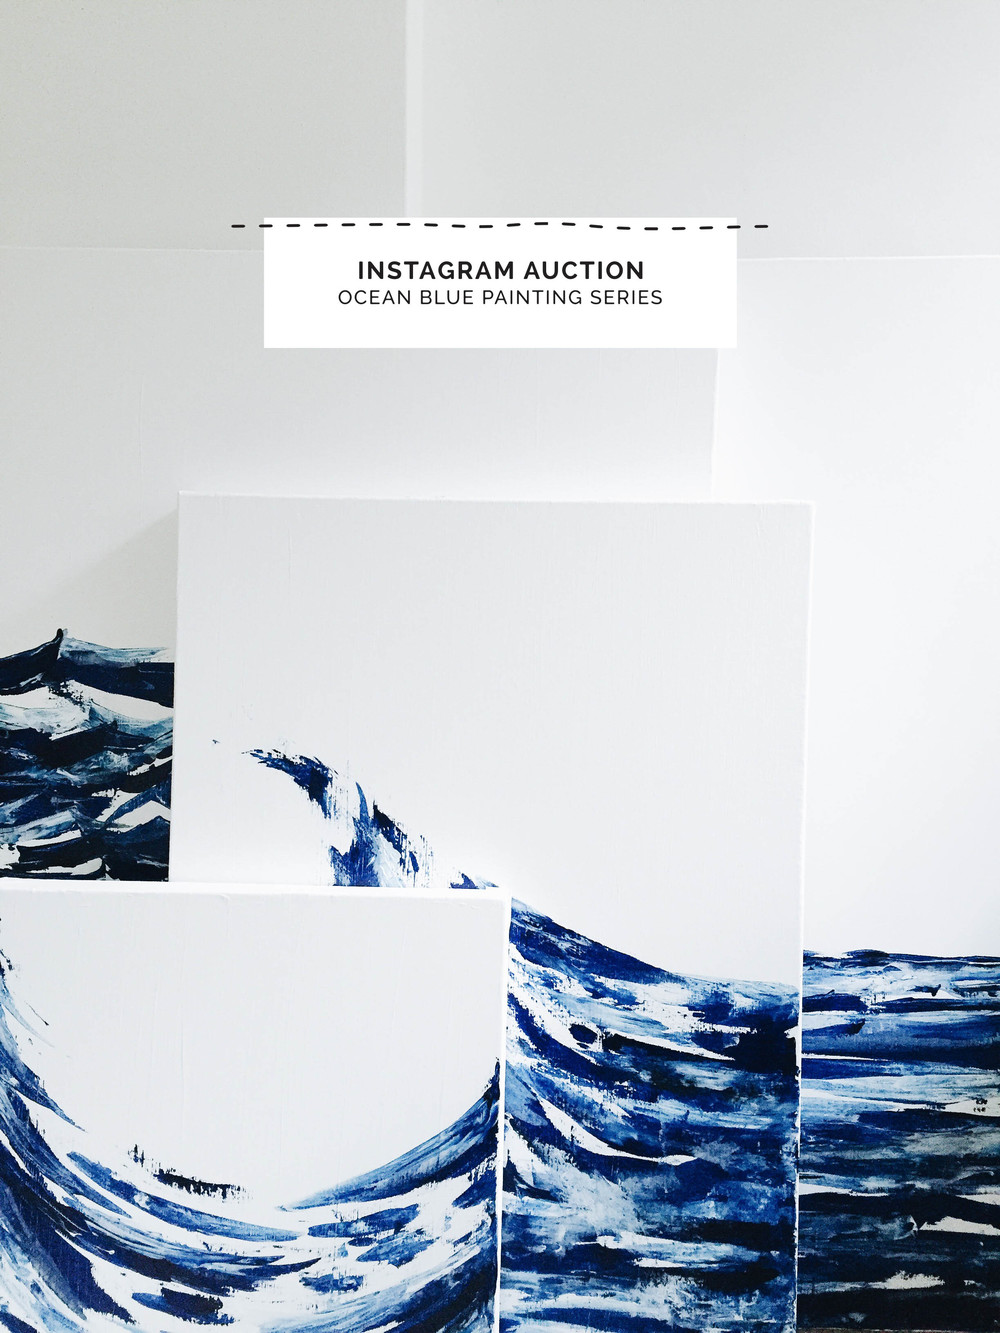 SOA_ocean-blue-auction.jpg